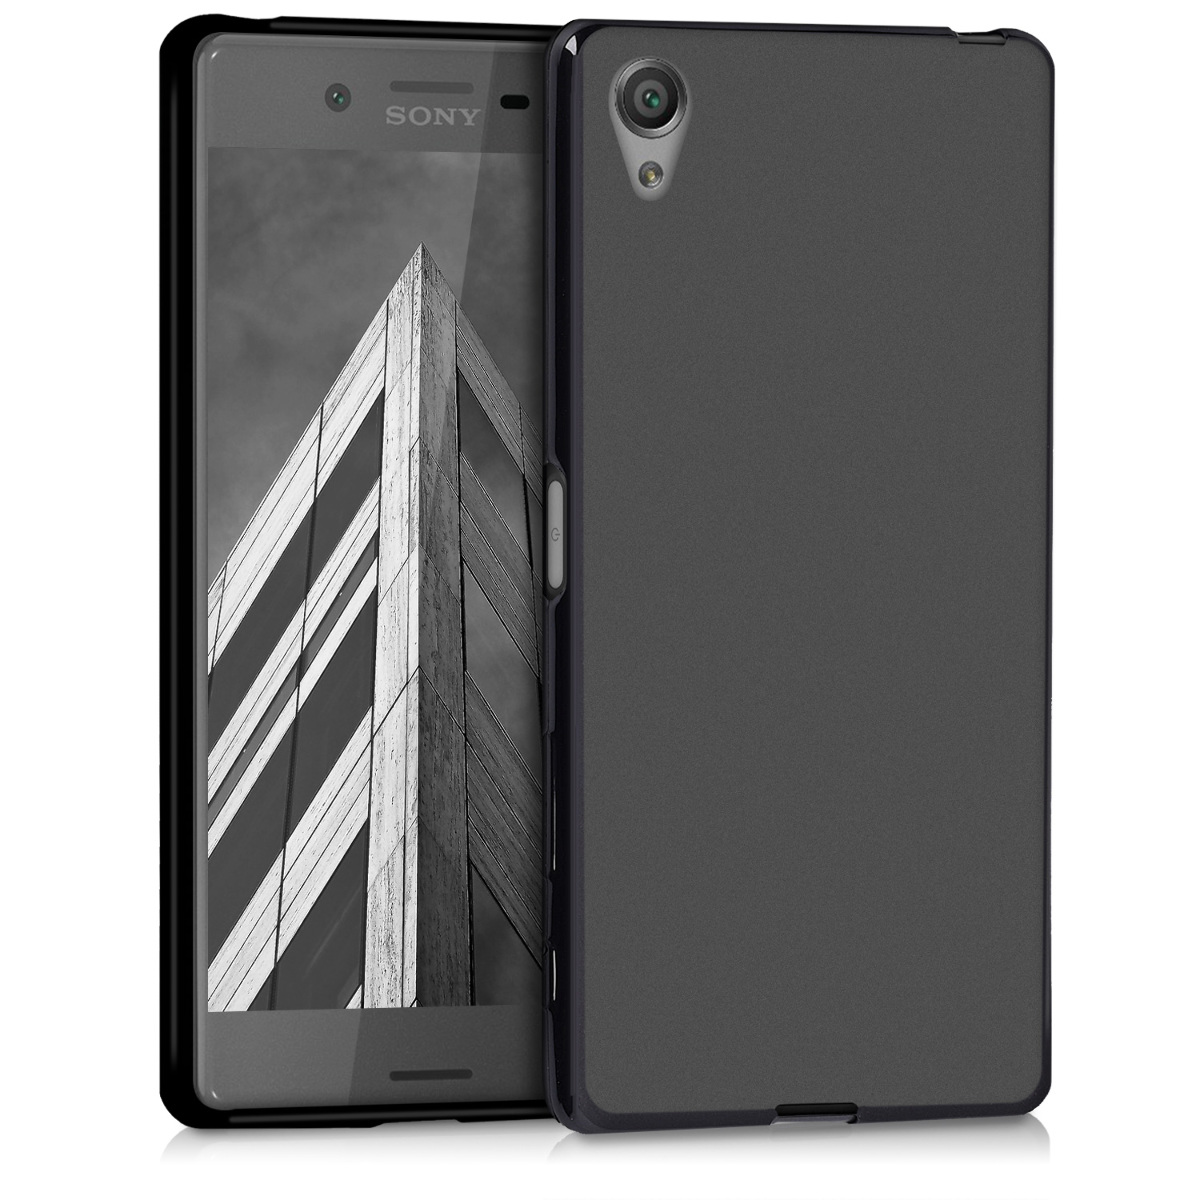 Kvalitní silikonové TPU pouzdro | obal pro Sony Xperia X - černé matné